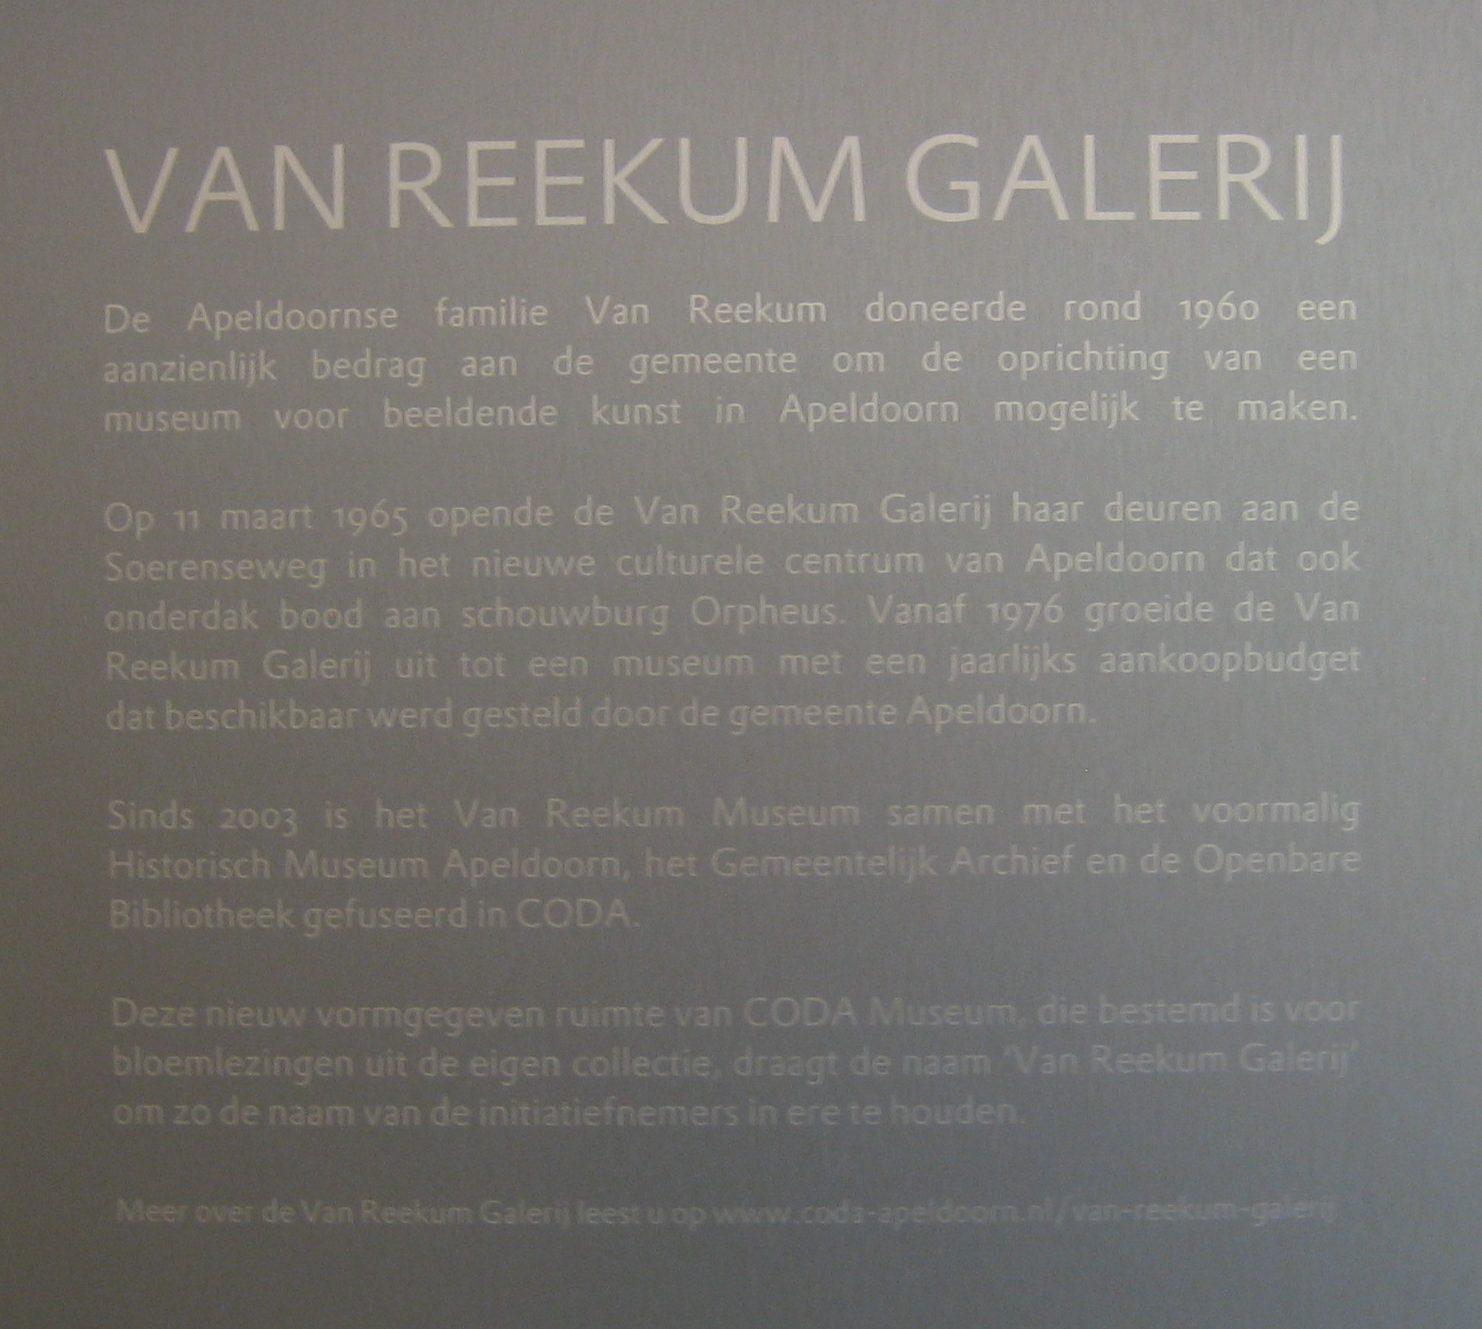 Tekstbord in CODA ter herinnering aan de Van Reekum Galerij. Foto Esther Doornbusch, CC BY 4.0